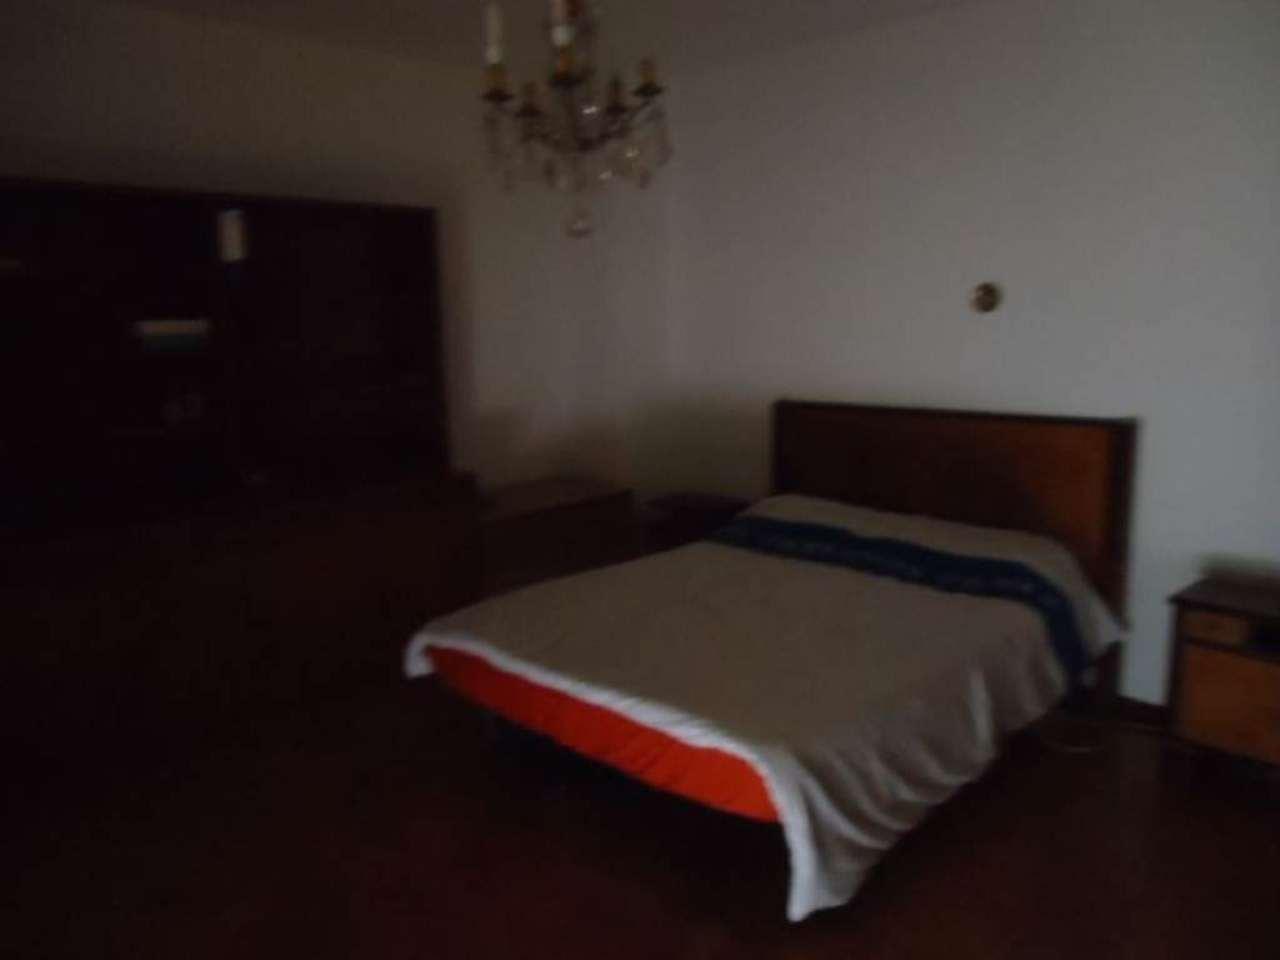 Appartamento in vendita a Padova, 5 locali, zona Zona: 6 . Ovest (Brentella-Valsugana), prezzo € 160.000 | Cambio Casa.it